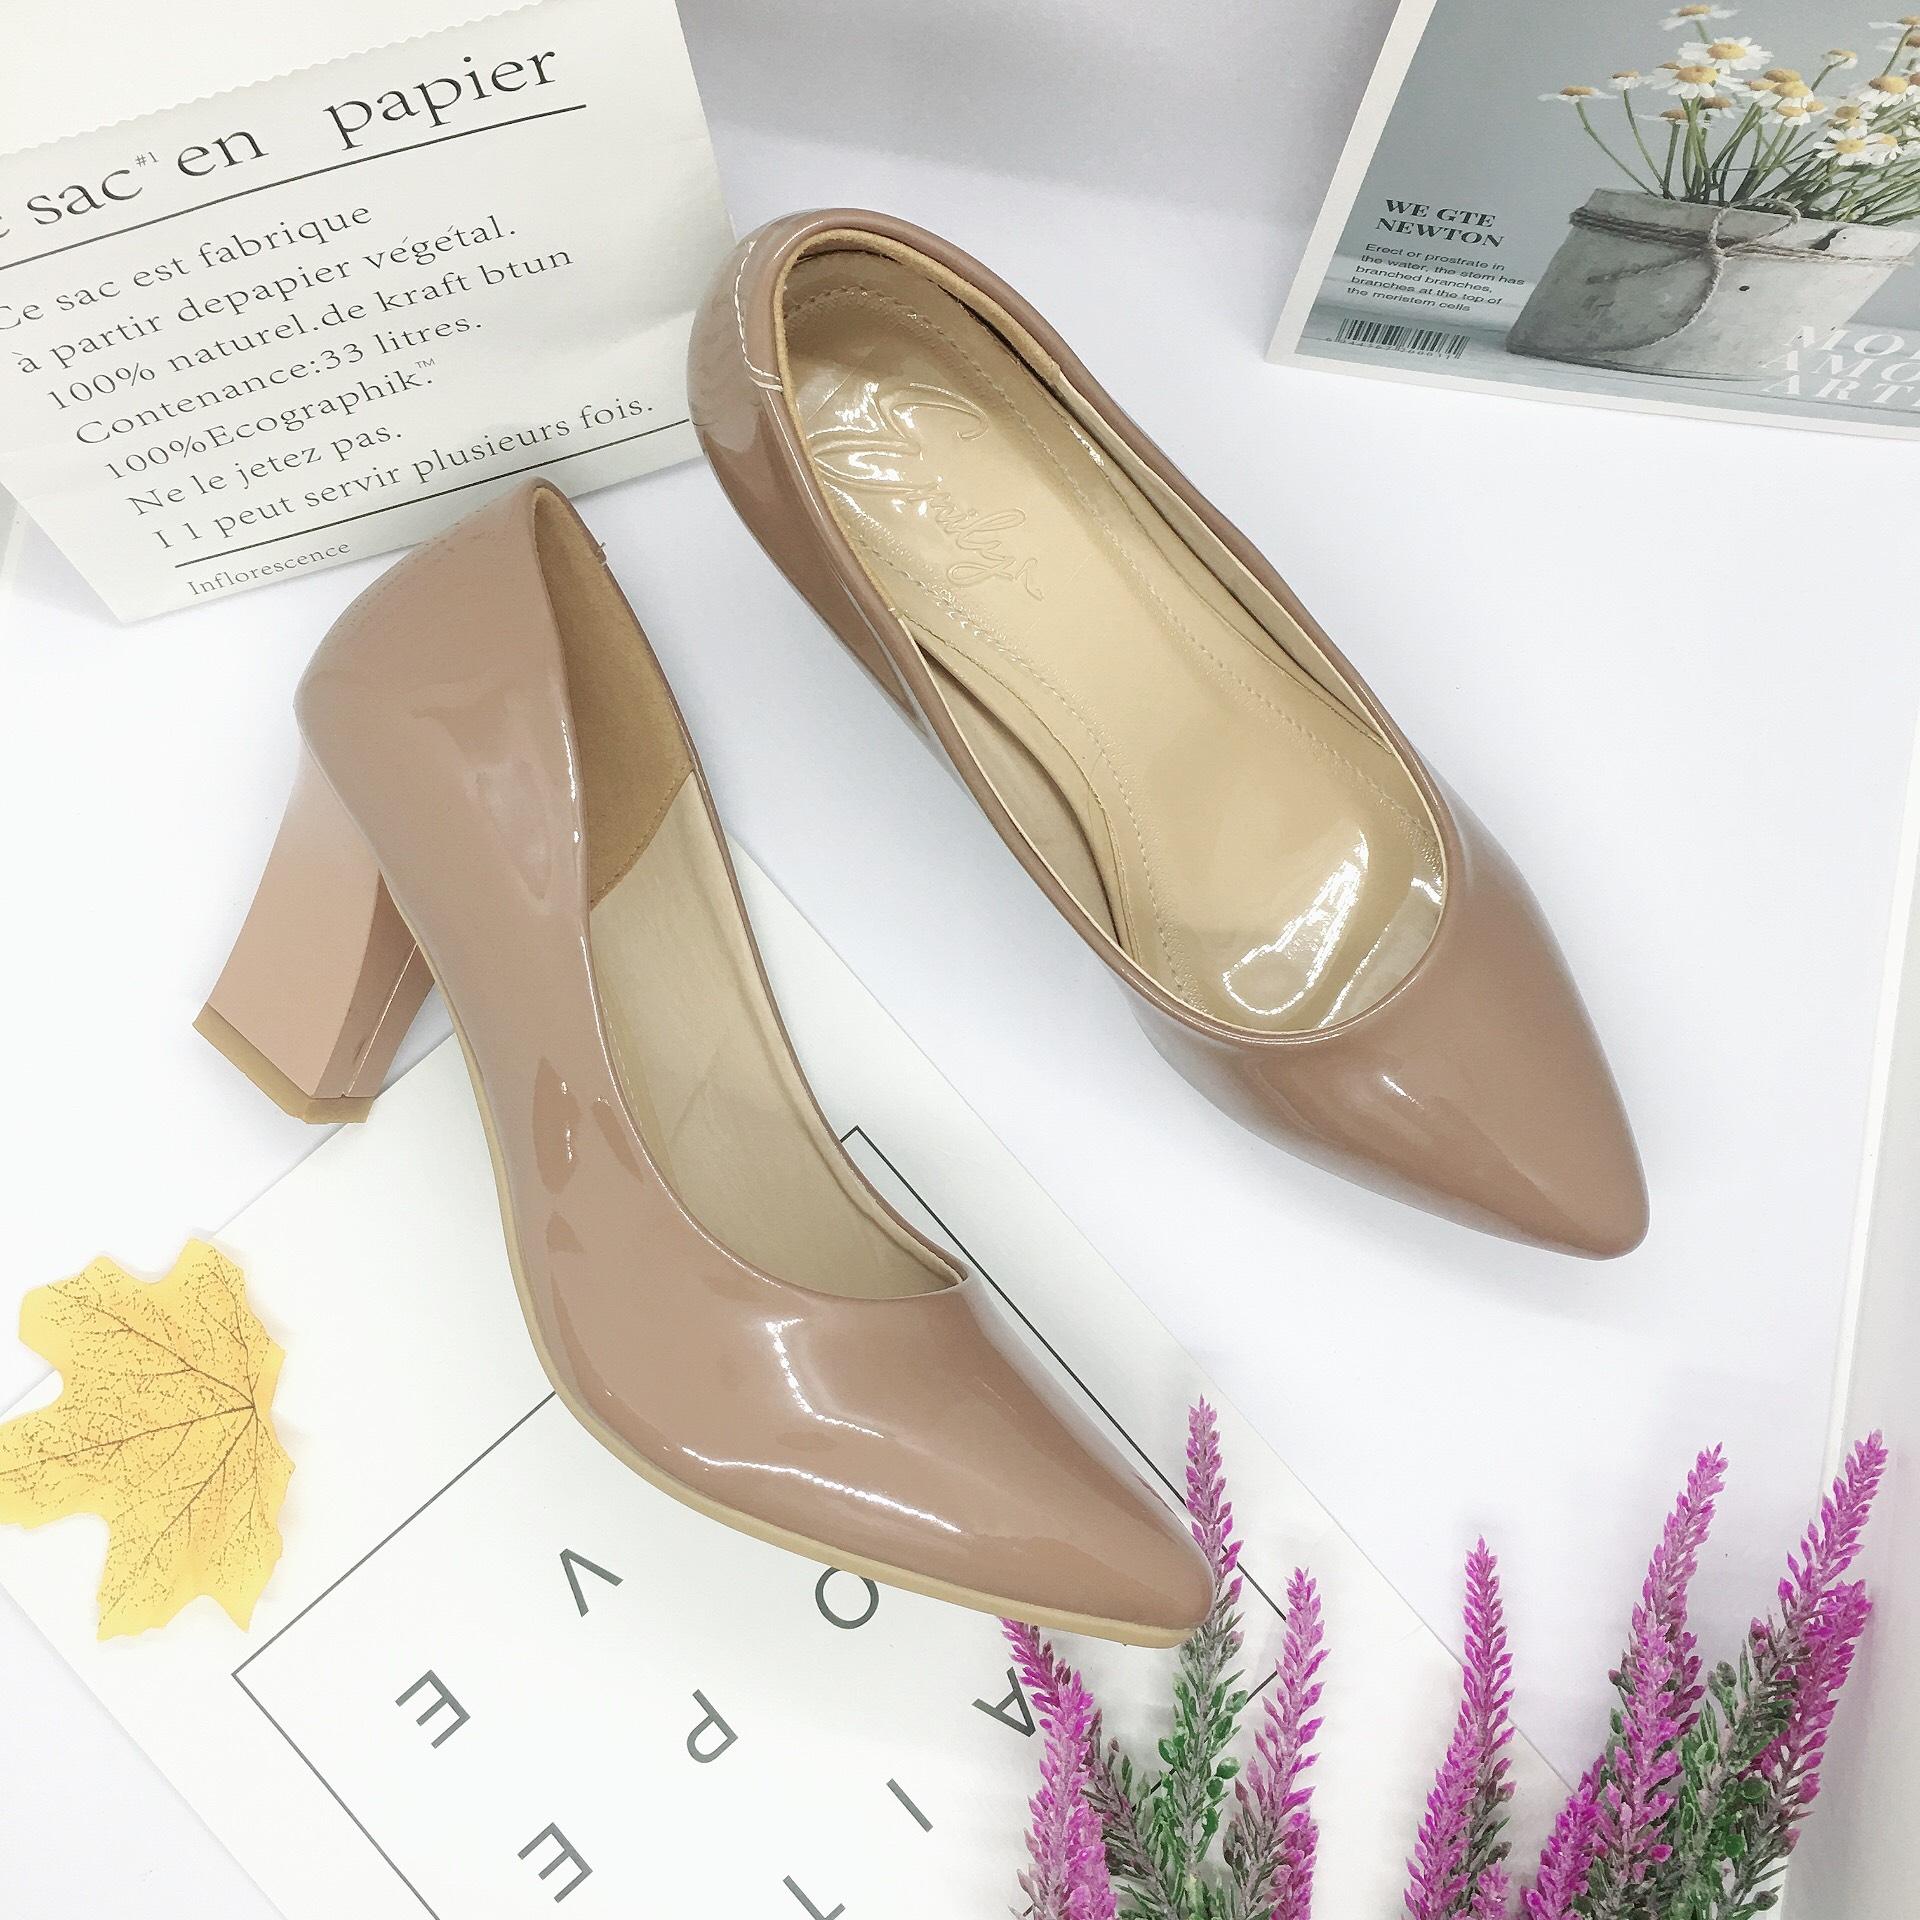 Giày cao gót nữ da bóng đế vuông 7cm dáng basic hàng VNXK da mềm êm chân -HC01